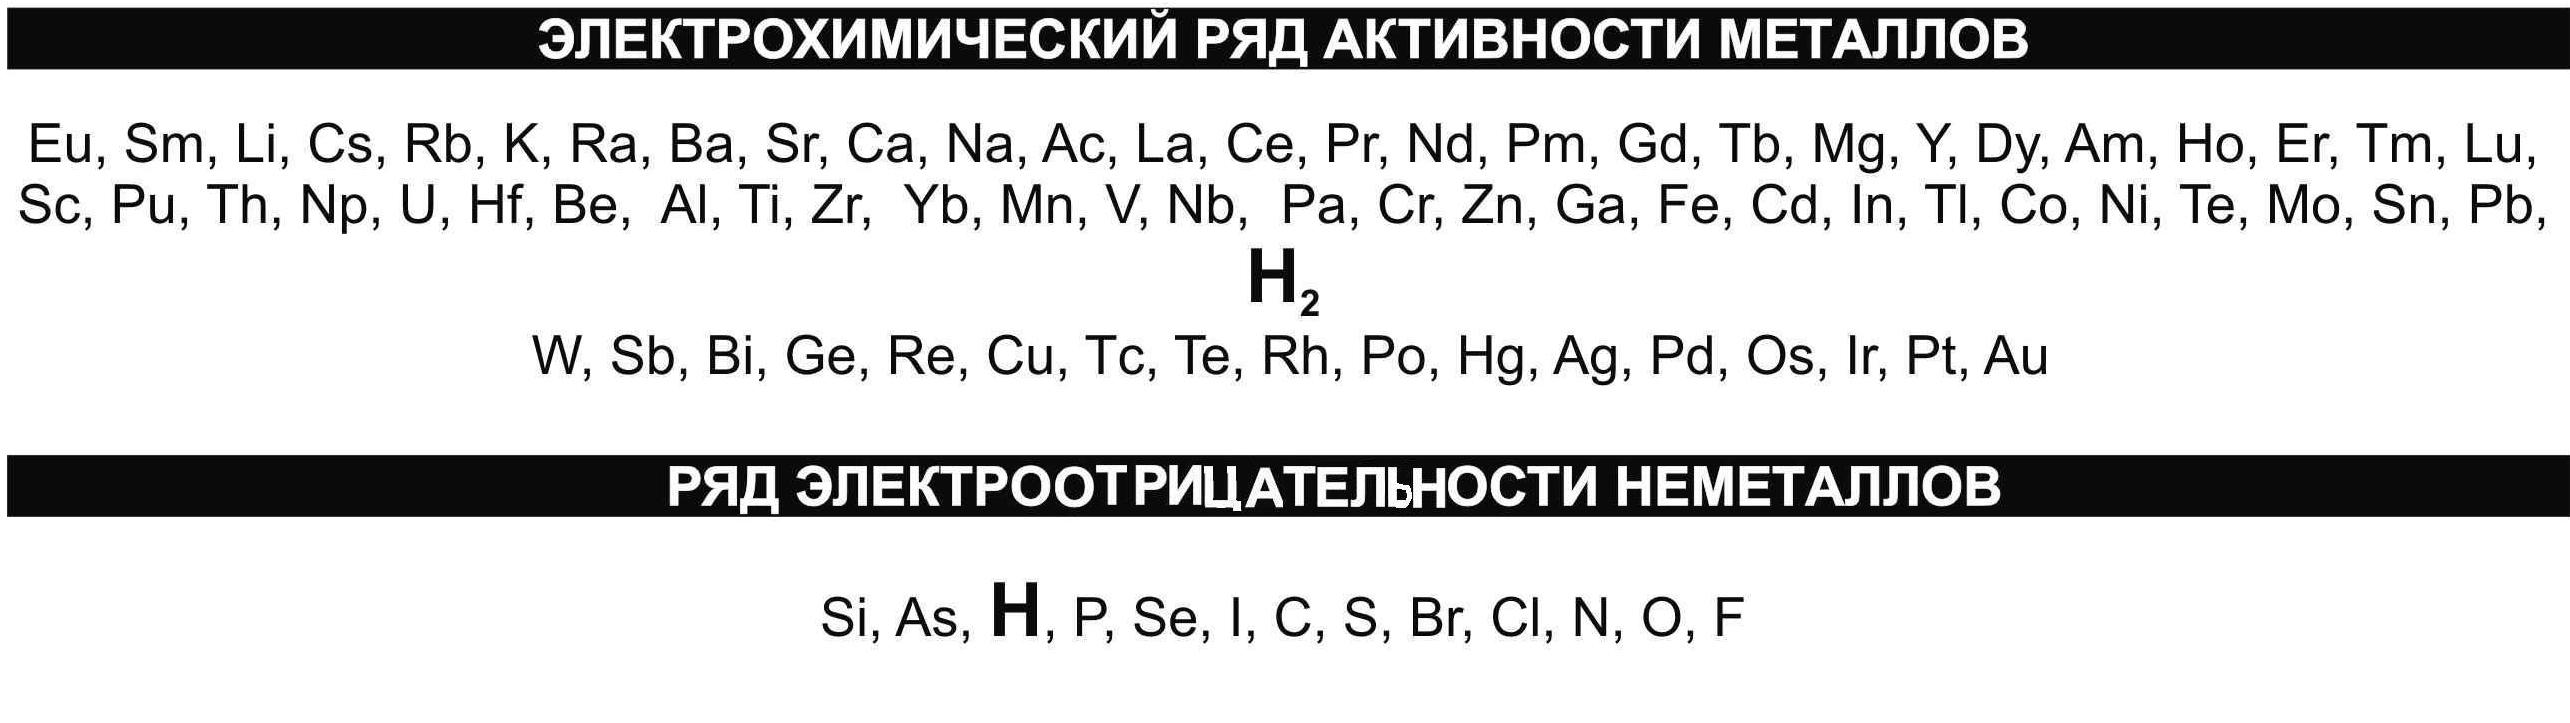 effects of ionizing radiation united